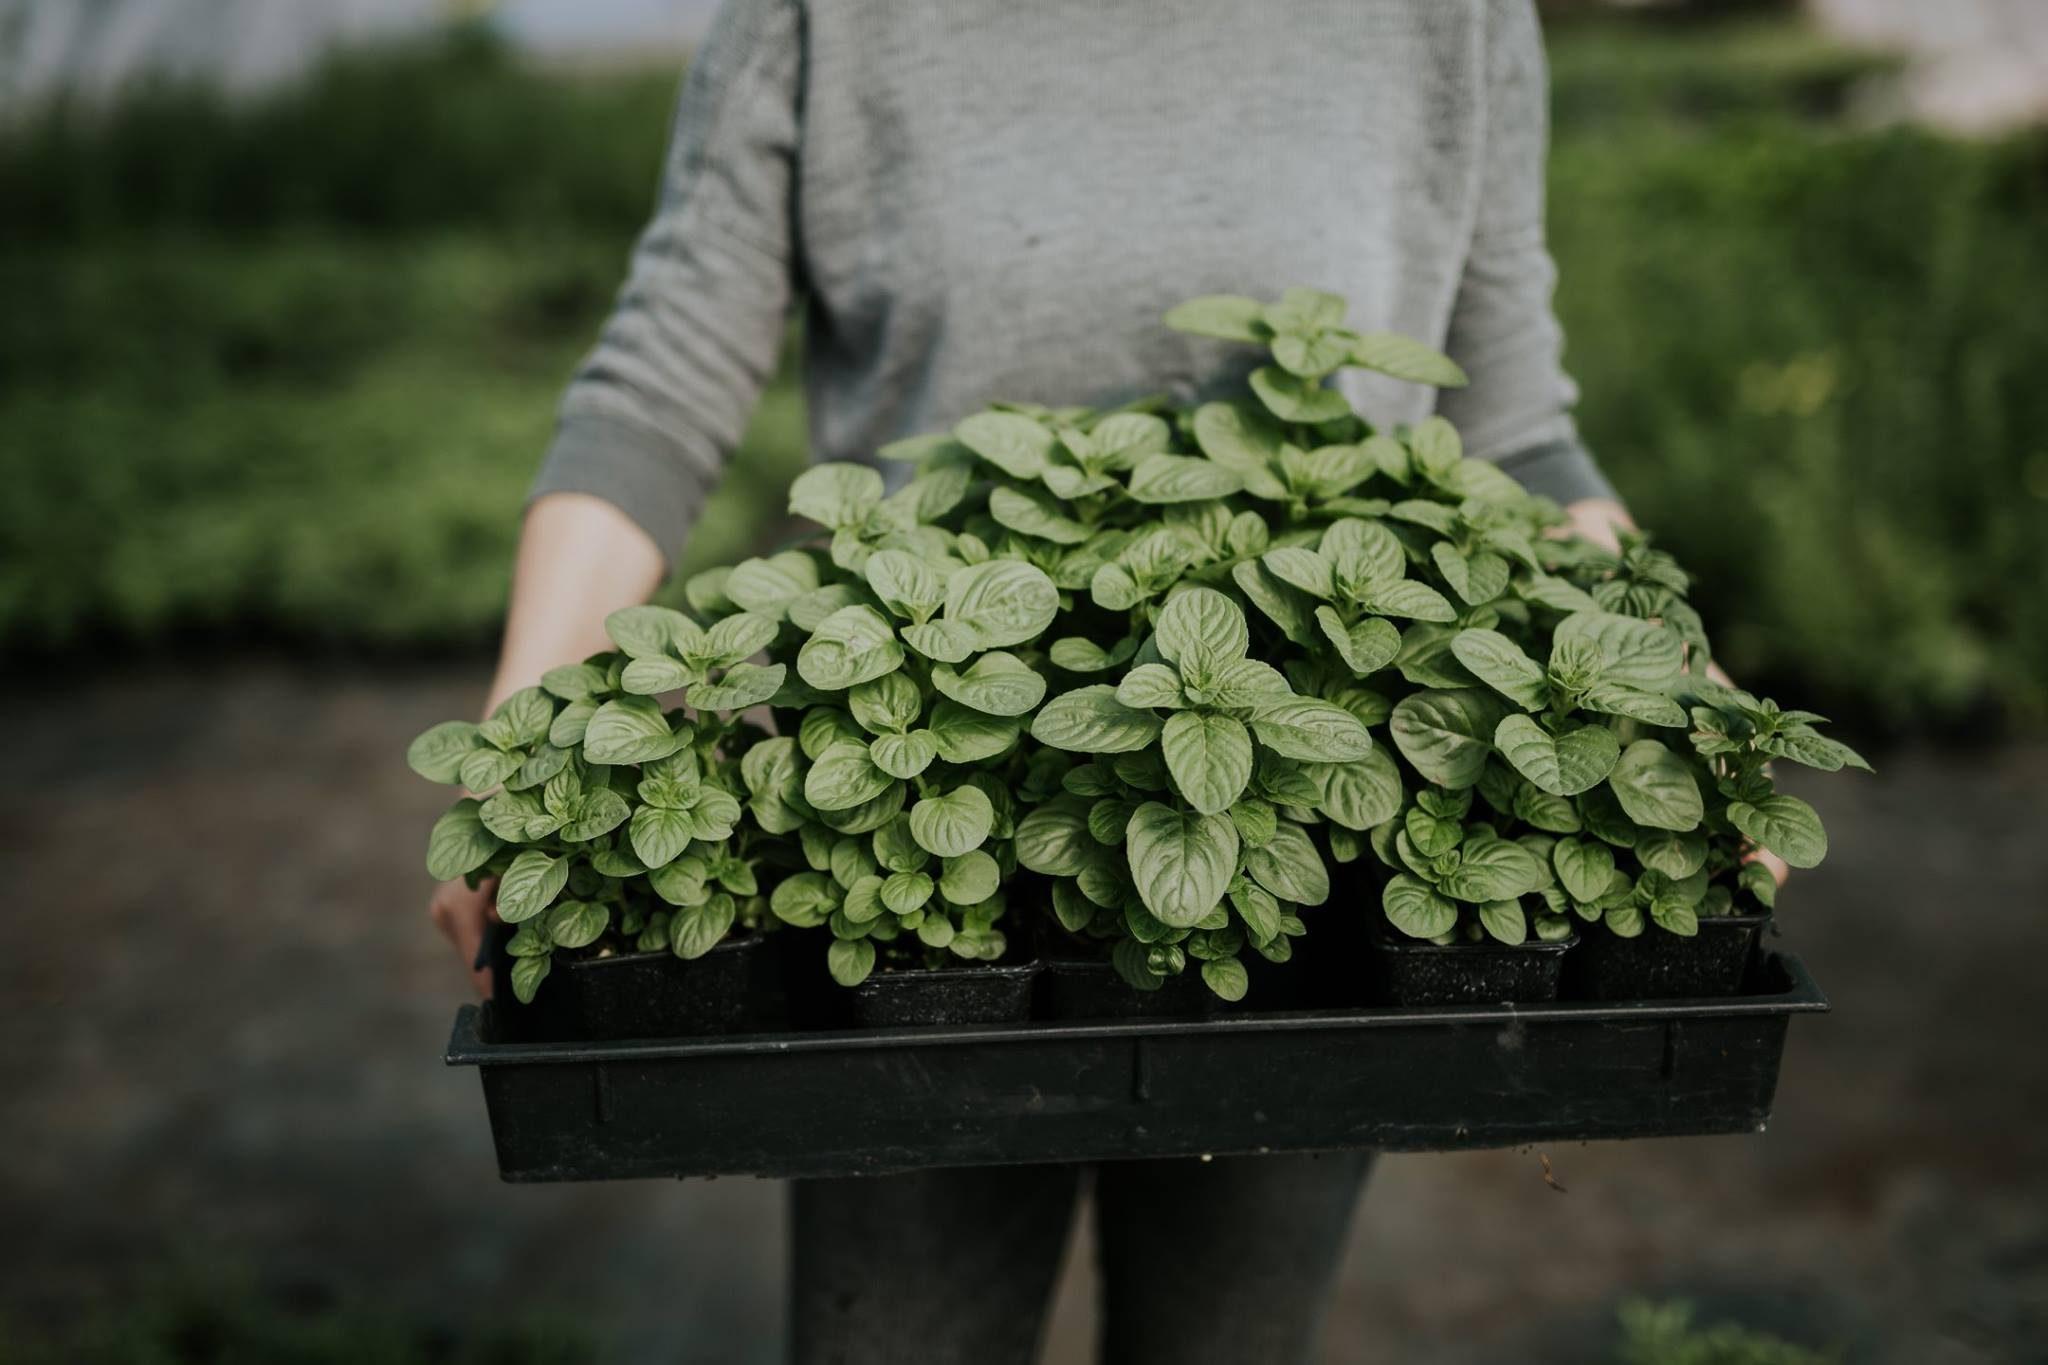 fűszer- és gyógynövénypiac